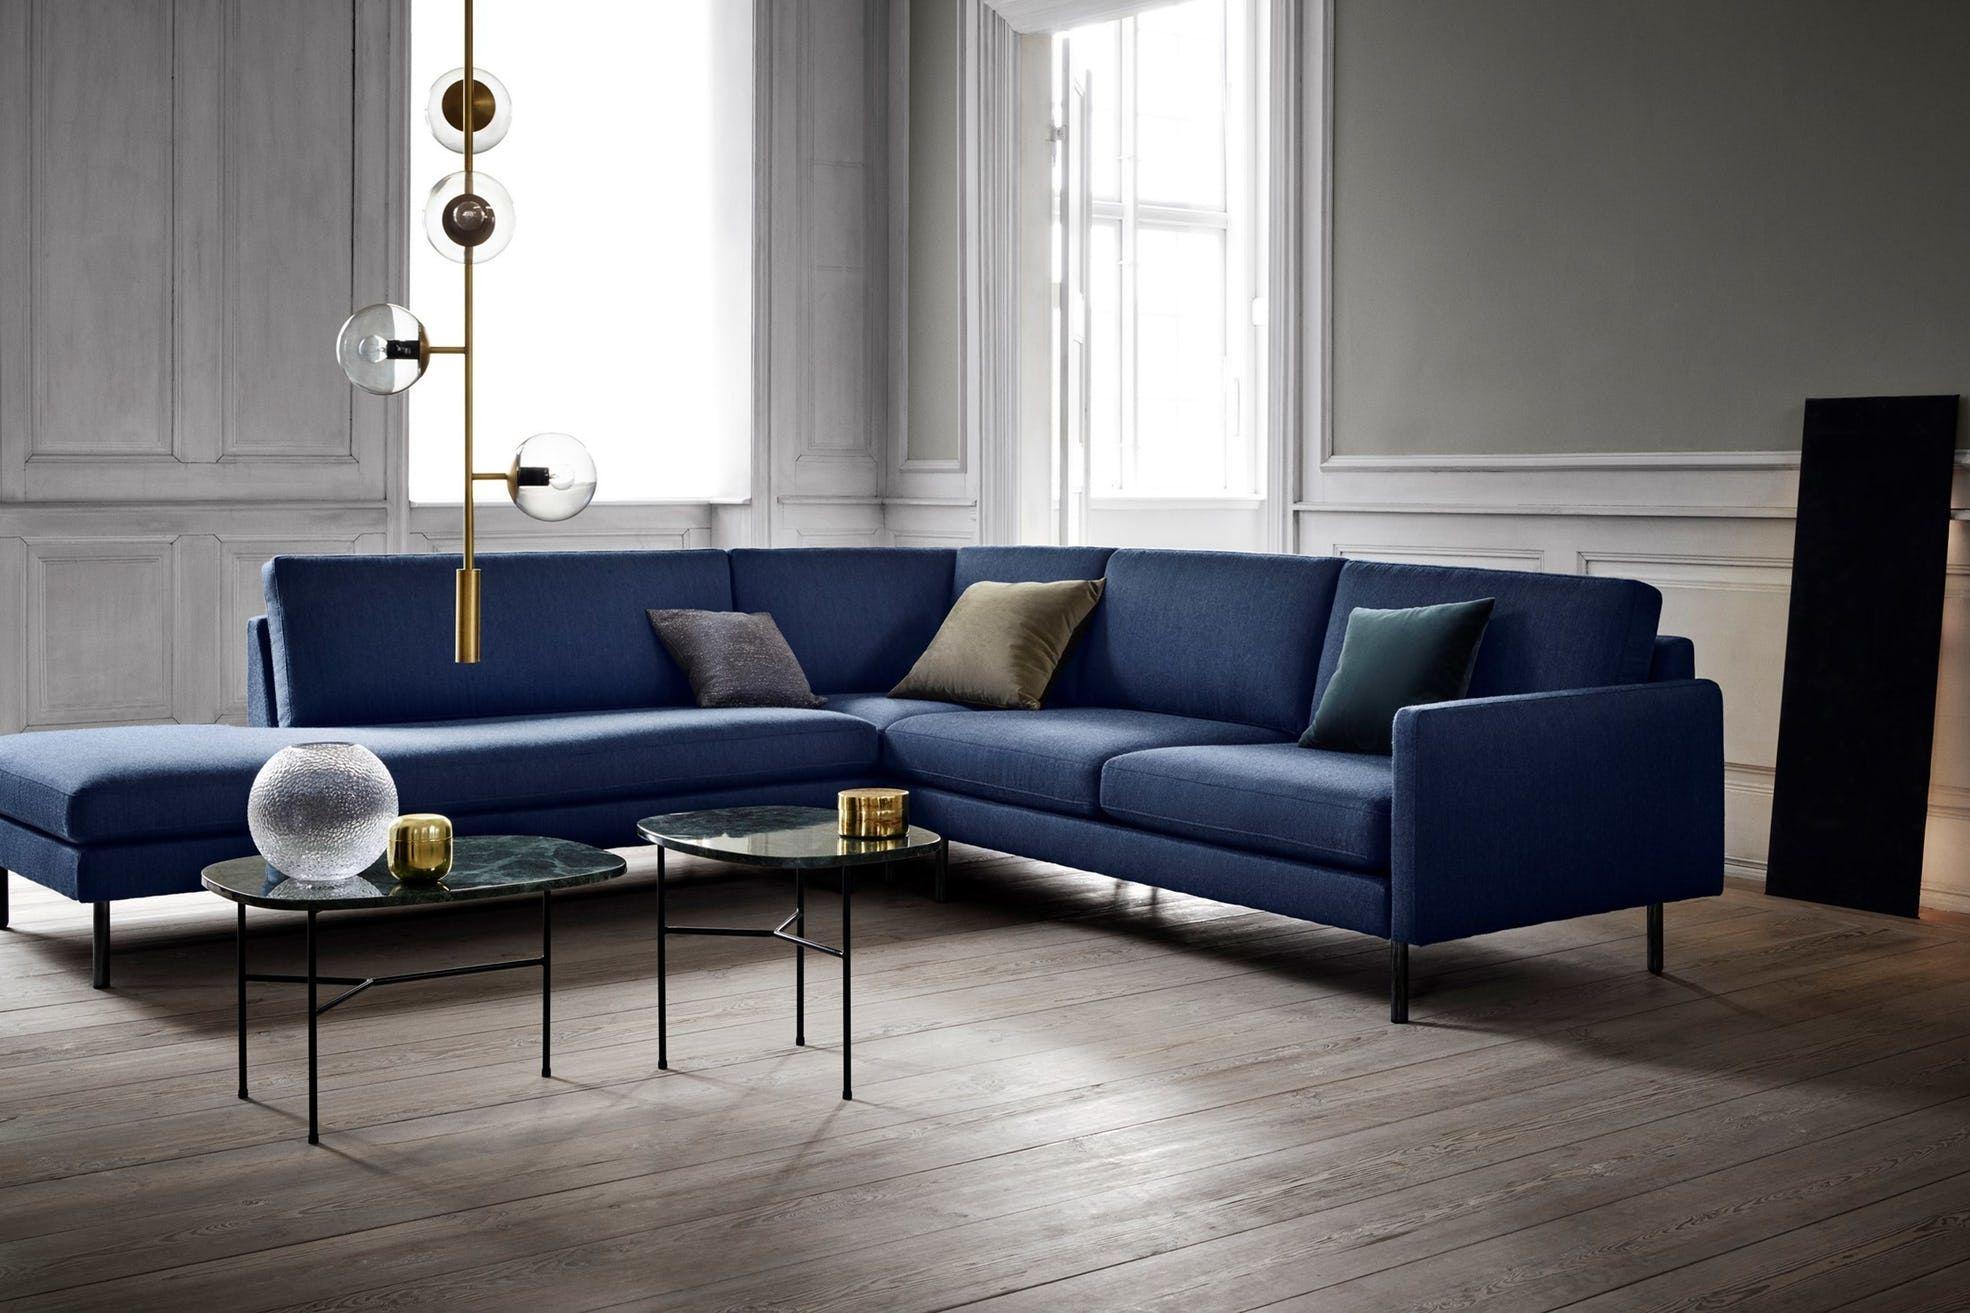 Scandinavia Remix Sofa By Bolia Sofa Design Scandinavia Sofa Contemporary Furniture Design